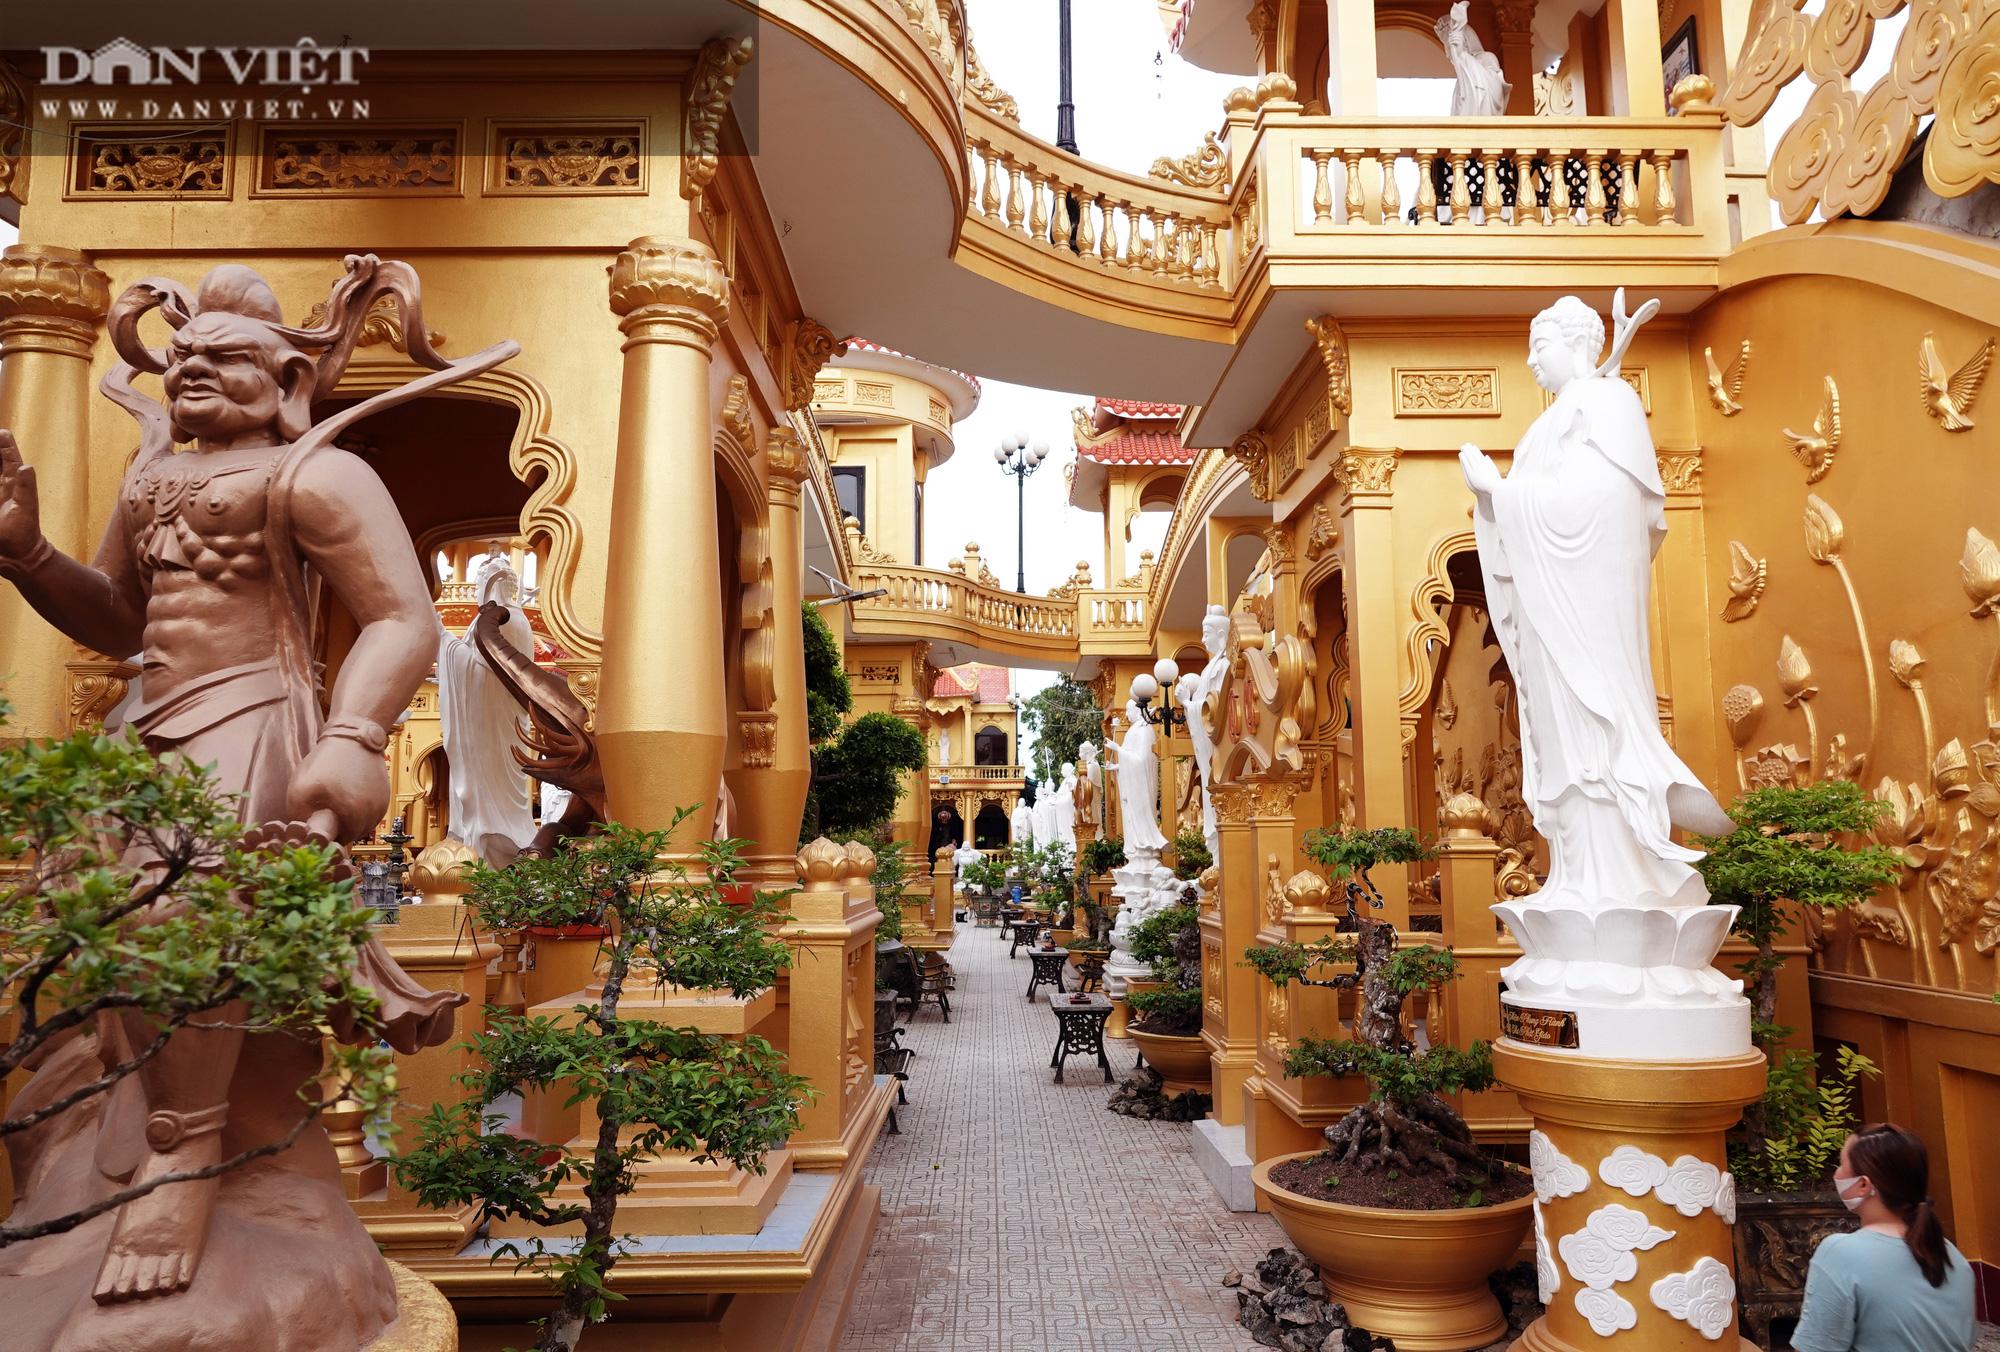 Ngôi chùa ở Cù Lao Giêng với quần thể tượng Phật đạt kỷ lục Việt Nam có gì đặc biệt? - Ảnh 2.